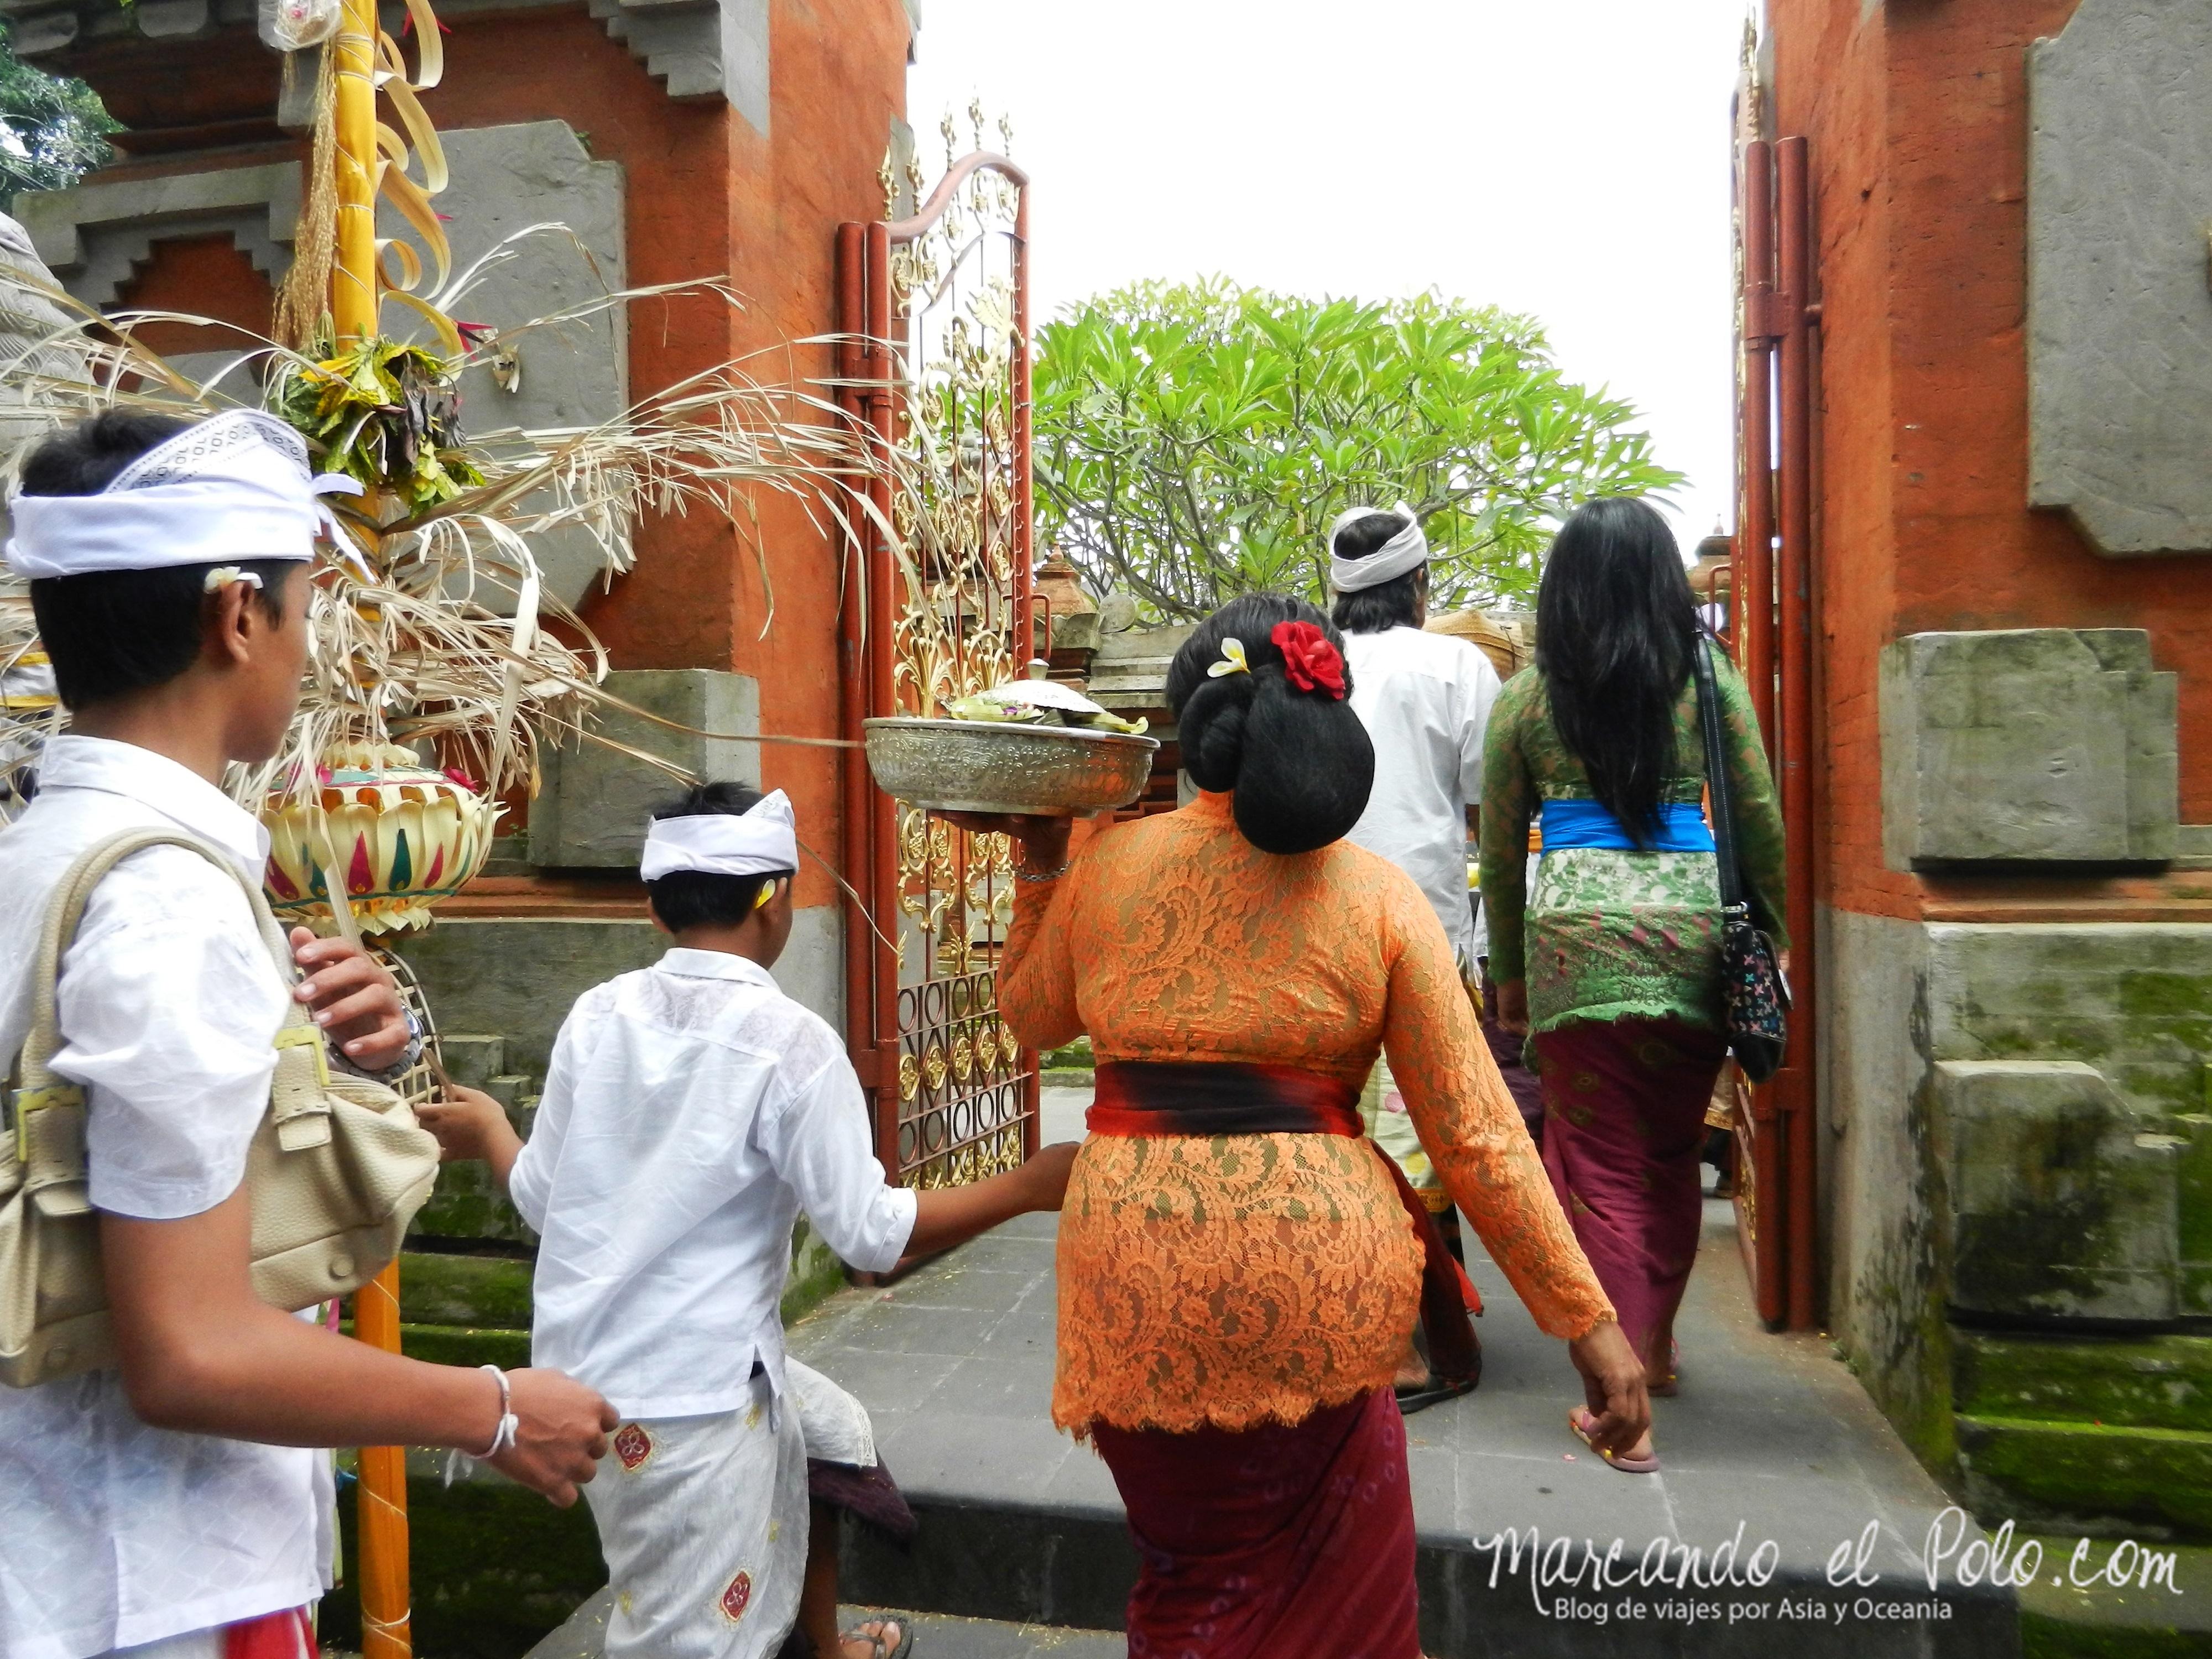 Entrada al templo en Galungan, Bali, Indonesia